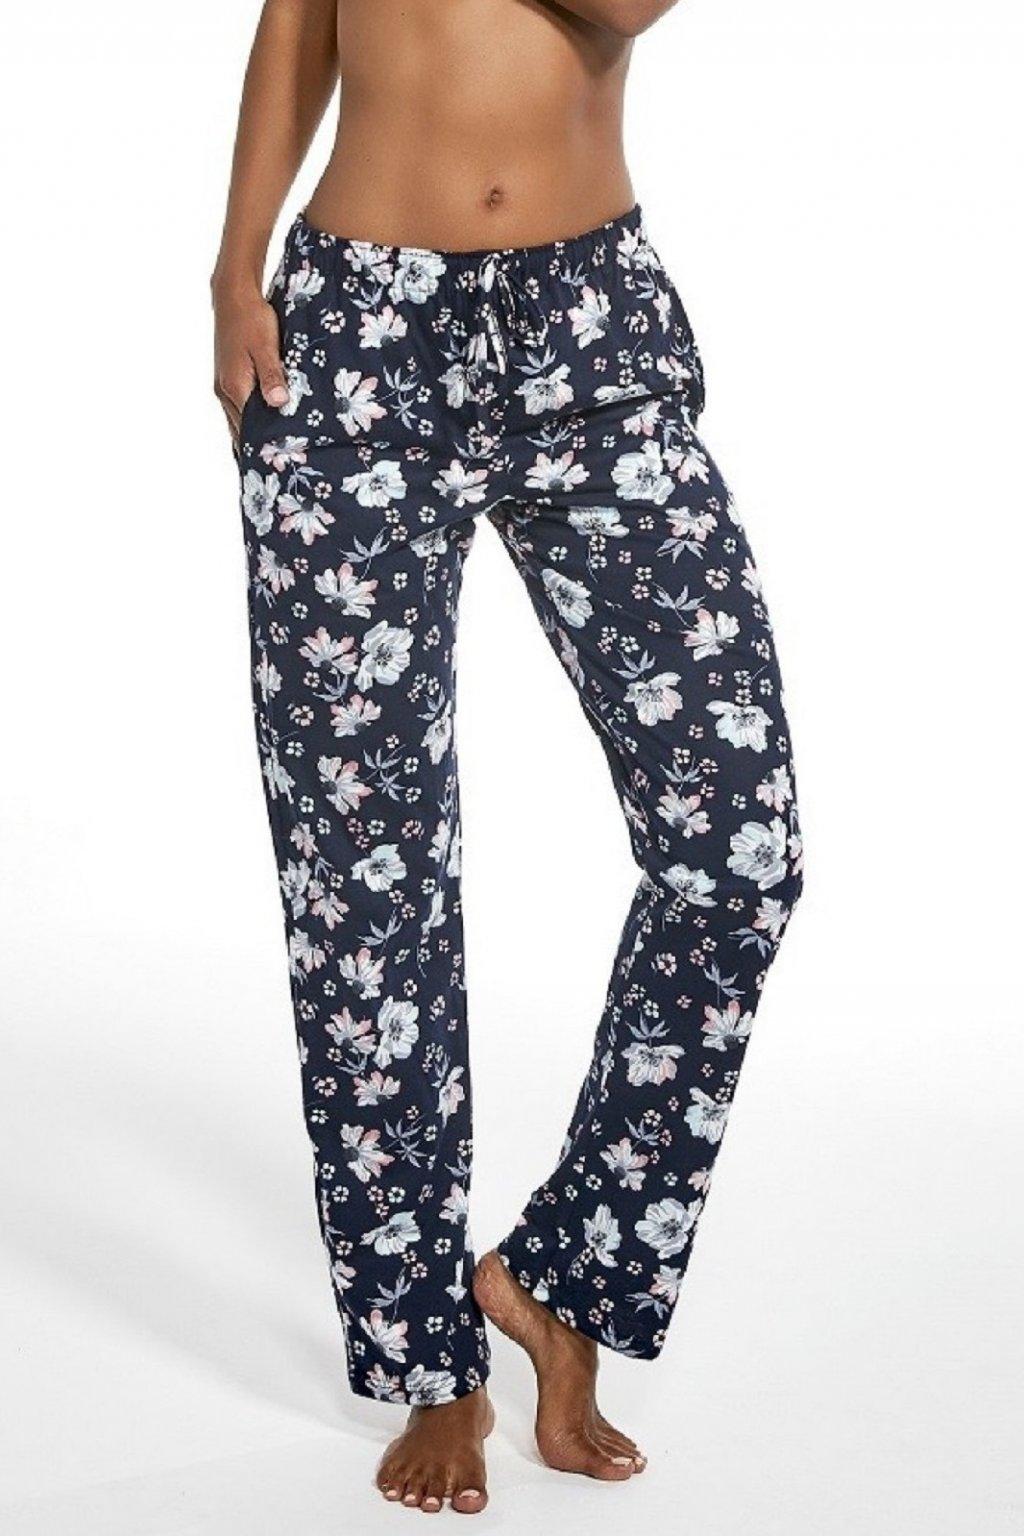 Dámské pyžamové kalhoty Cornette 690/17